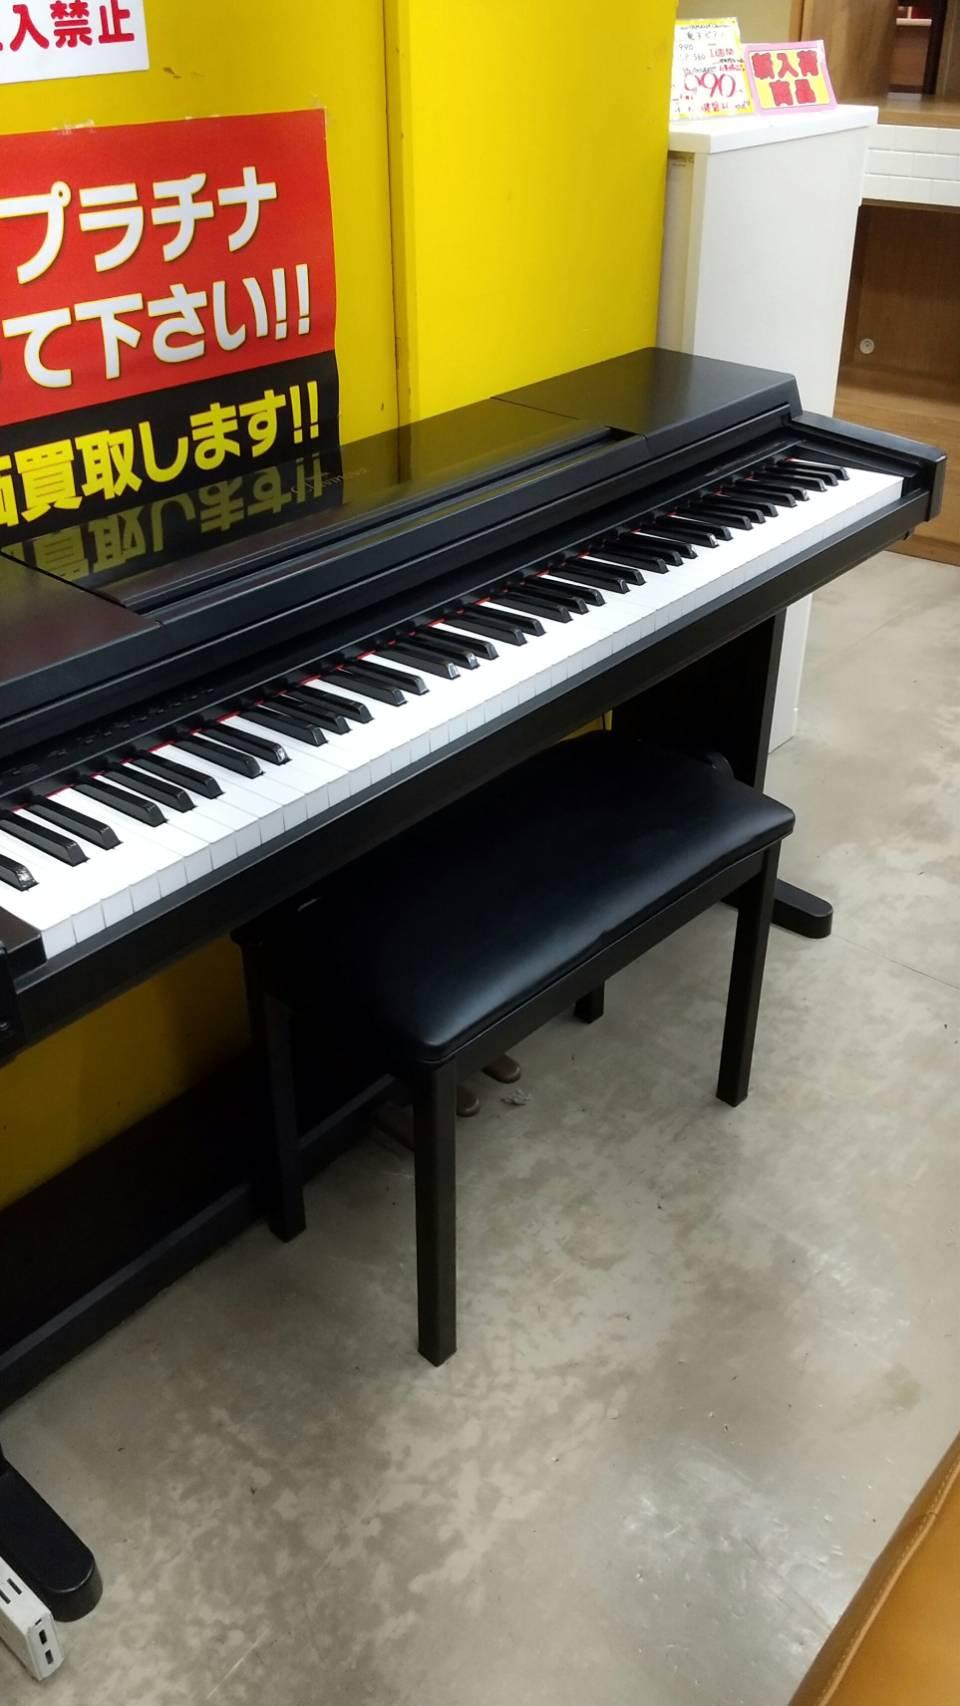 【YAMAHA ヤマハ 電子ピアノ Clavinova クラビノーバ 1990年式 CLP-560】の買取-